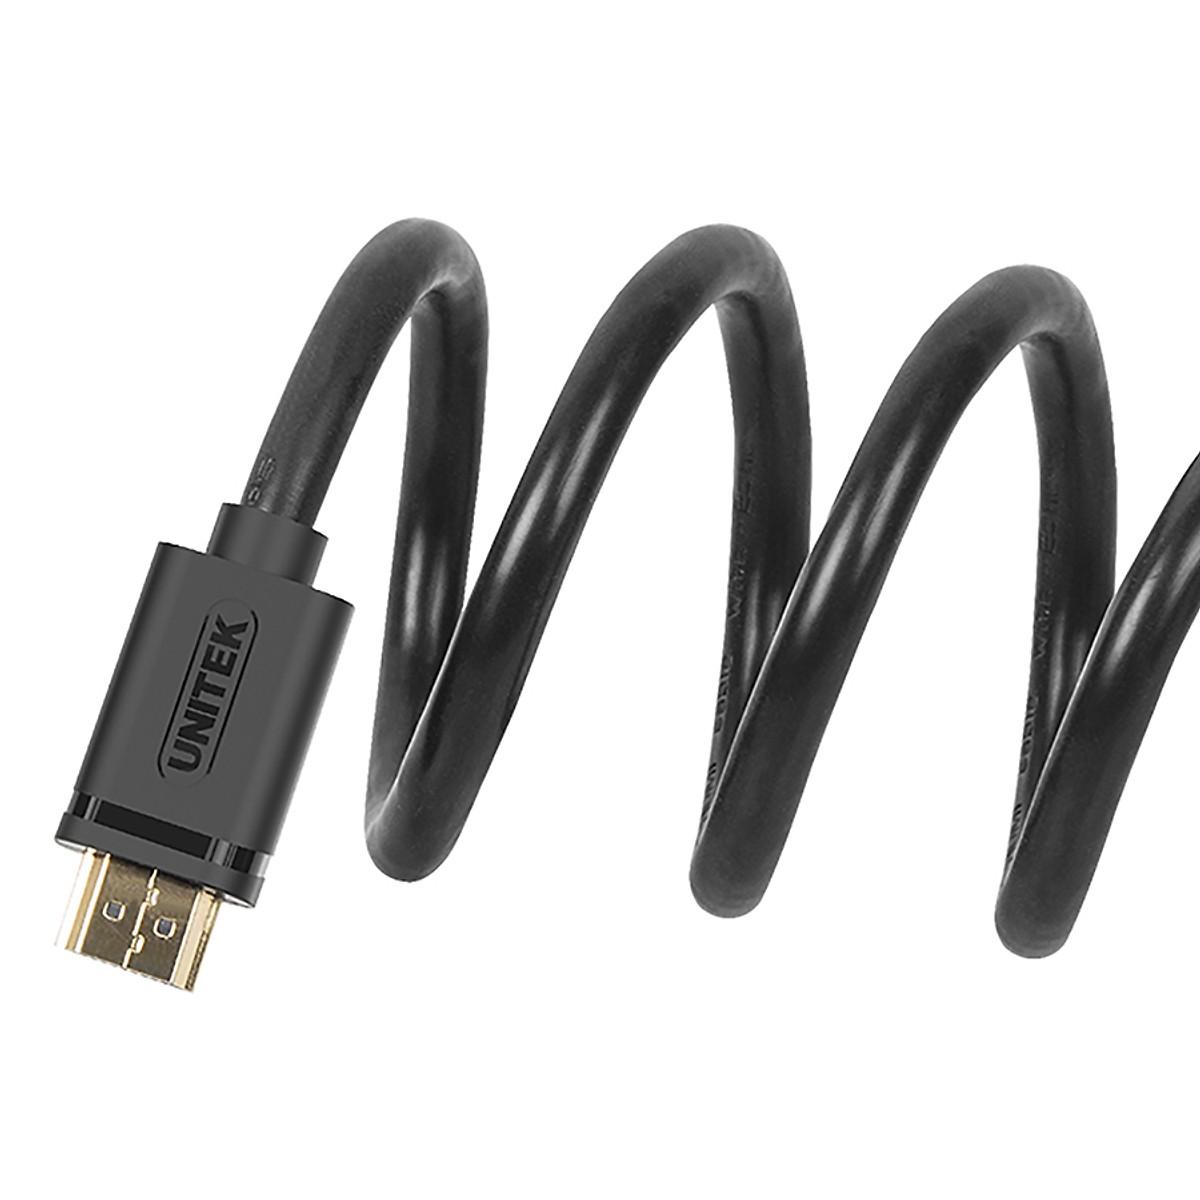 Dây 2 Đầu HDMI 3m Unitek - Cáp HDMI 3m Unitek Full HD 4K - Hàng chính hãng